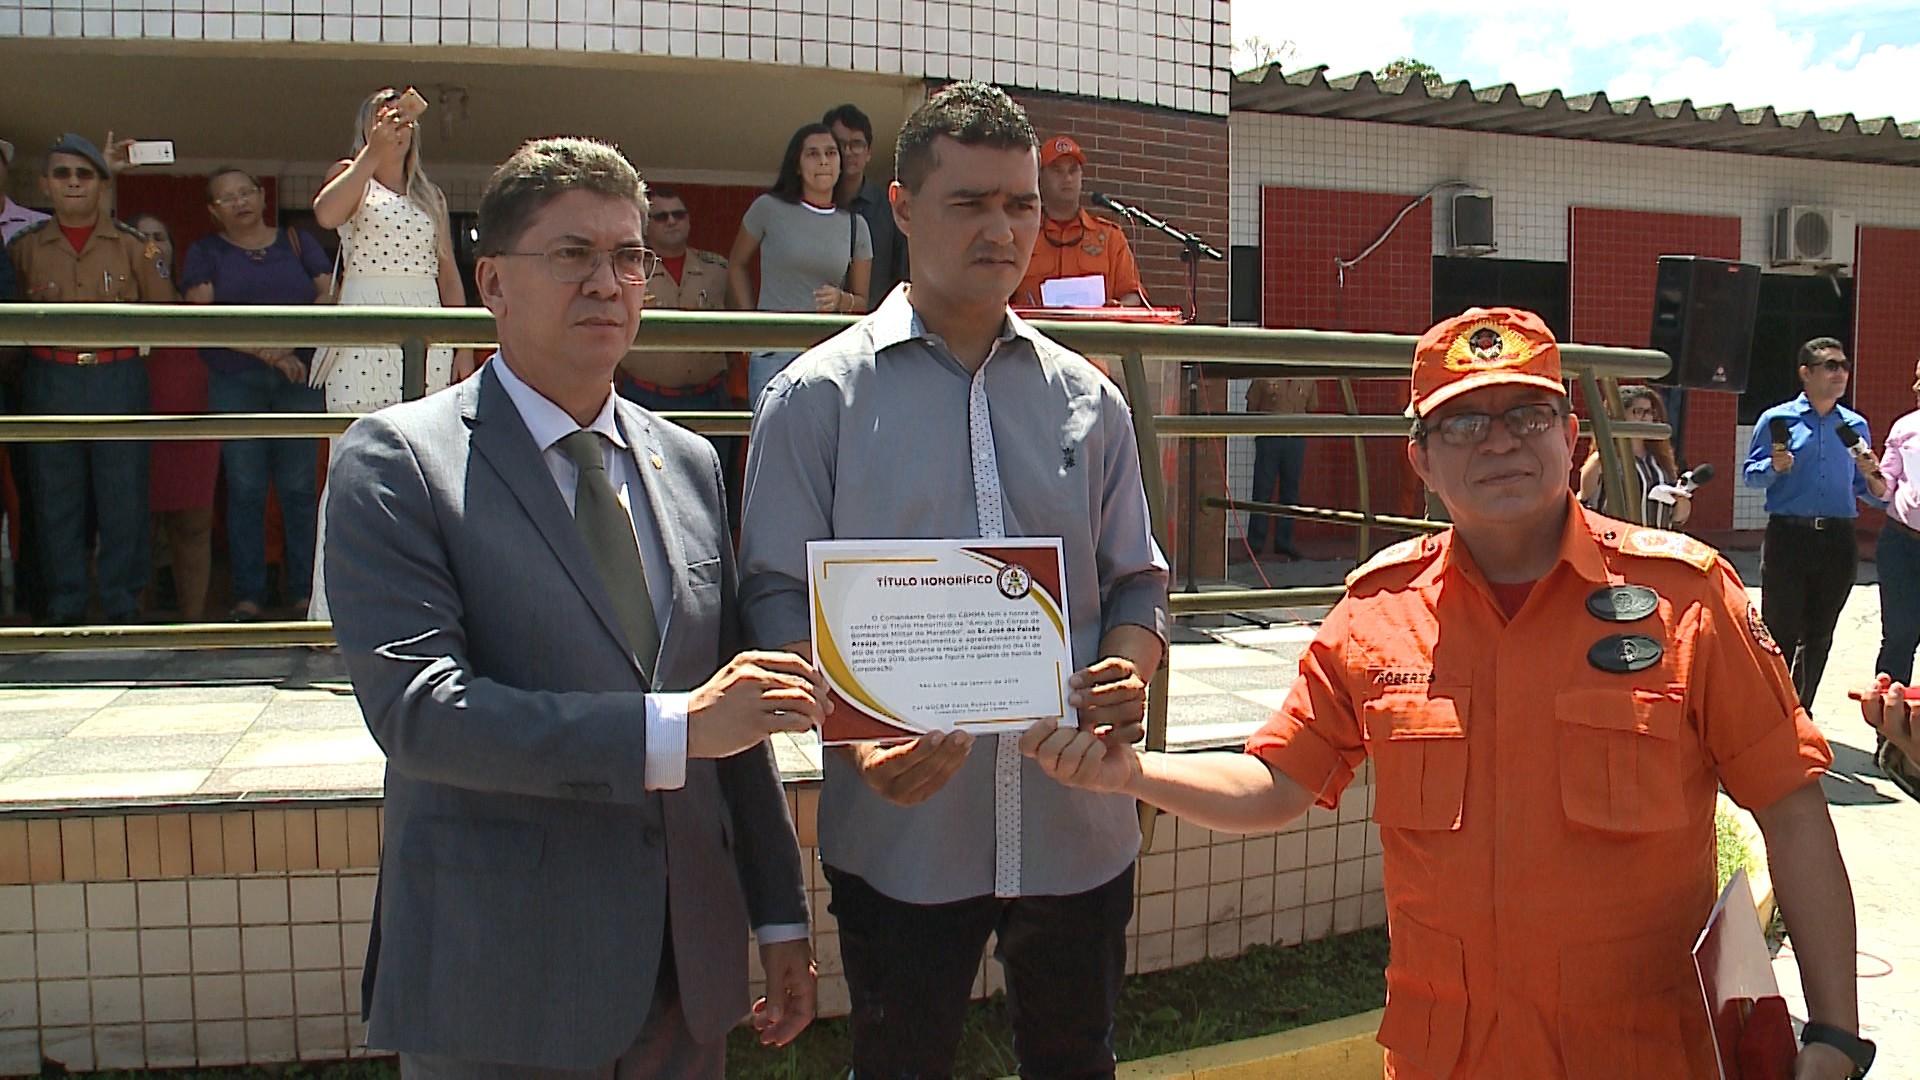 Homem que salvou motorista que caiu da ponte recebe medalha e vira 'herói dos bombeiros' em São Luís - Noticias